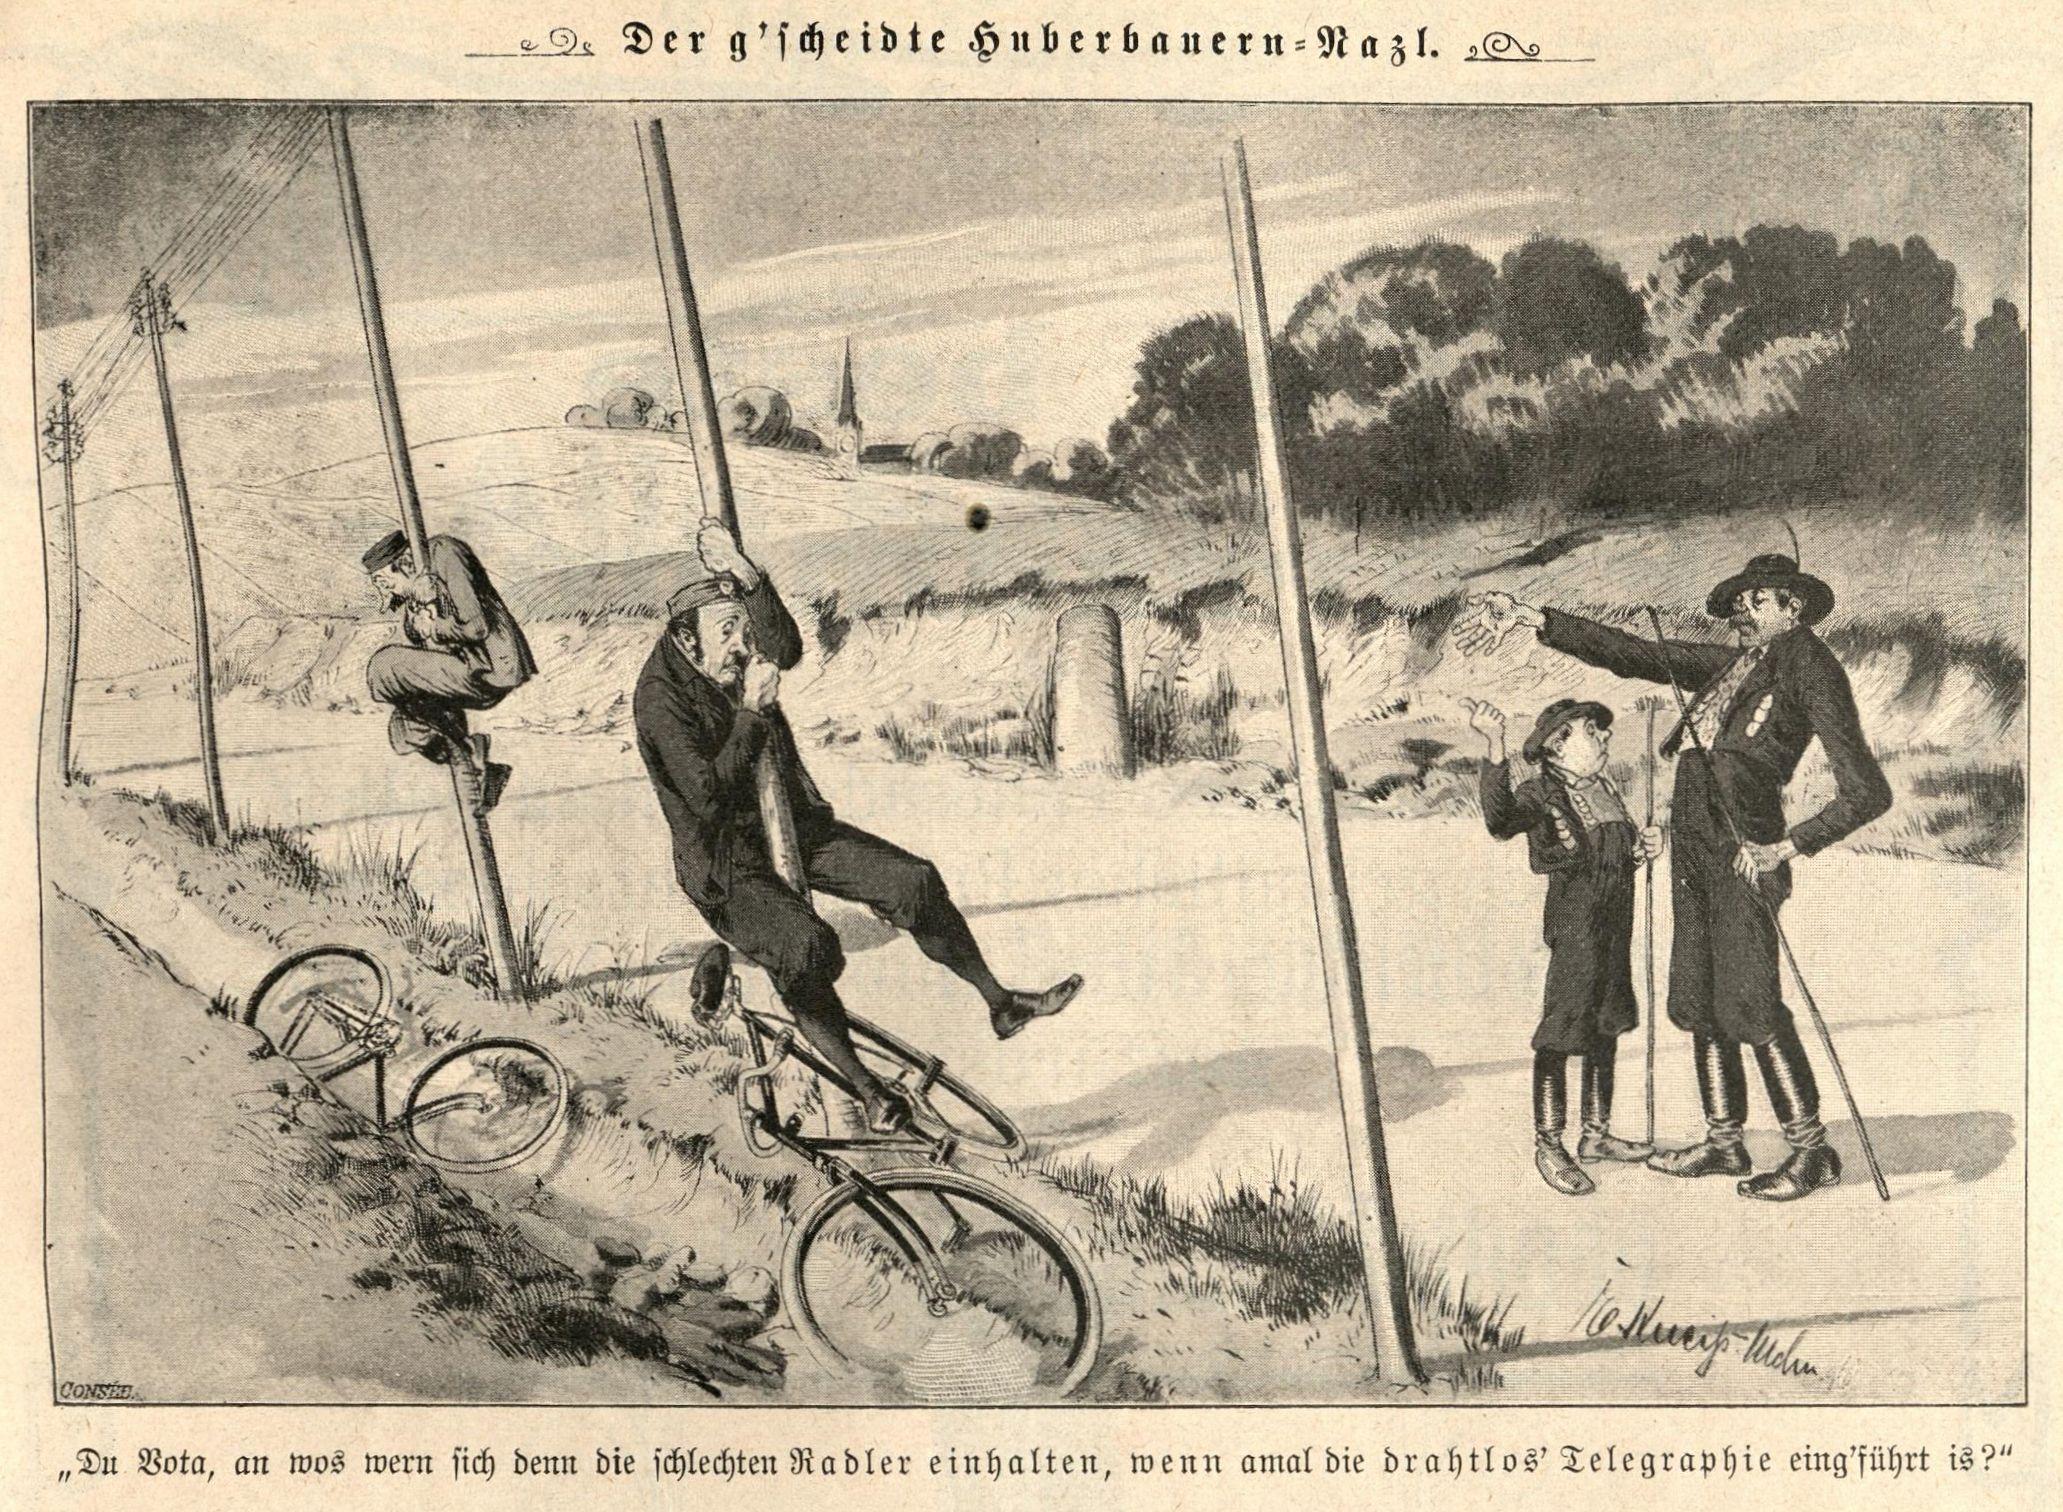 1903: Wo wern sich de Radler einhalten, wenn die drahtlos' Telegraphie eing'führt ist?